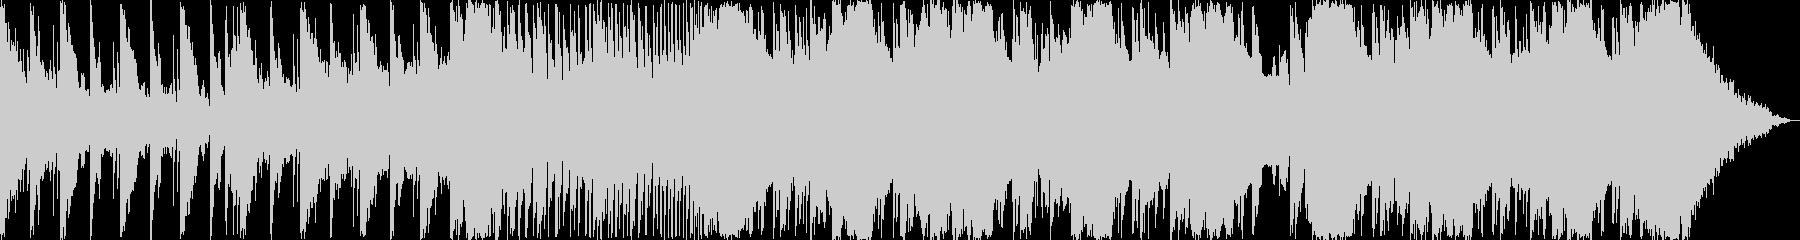 1分以内に収まるシンフォニック・ダブステの未再生の波形